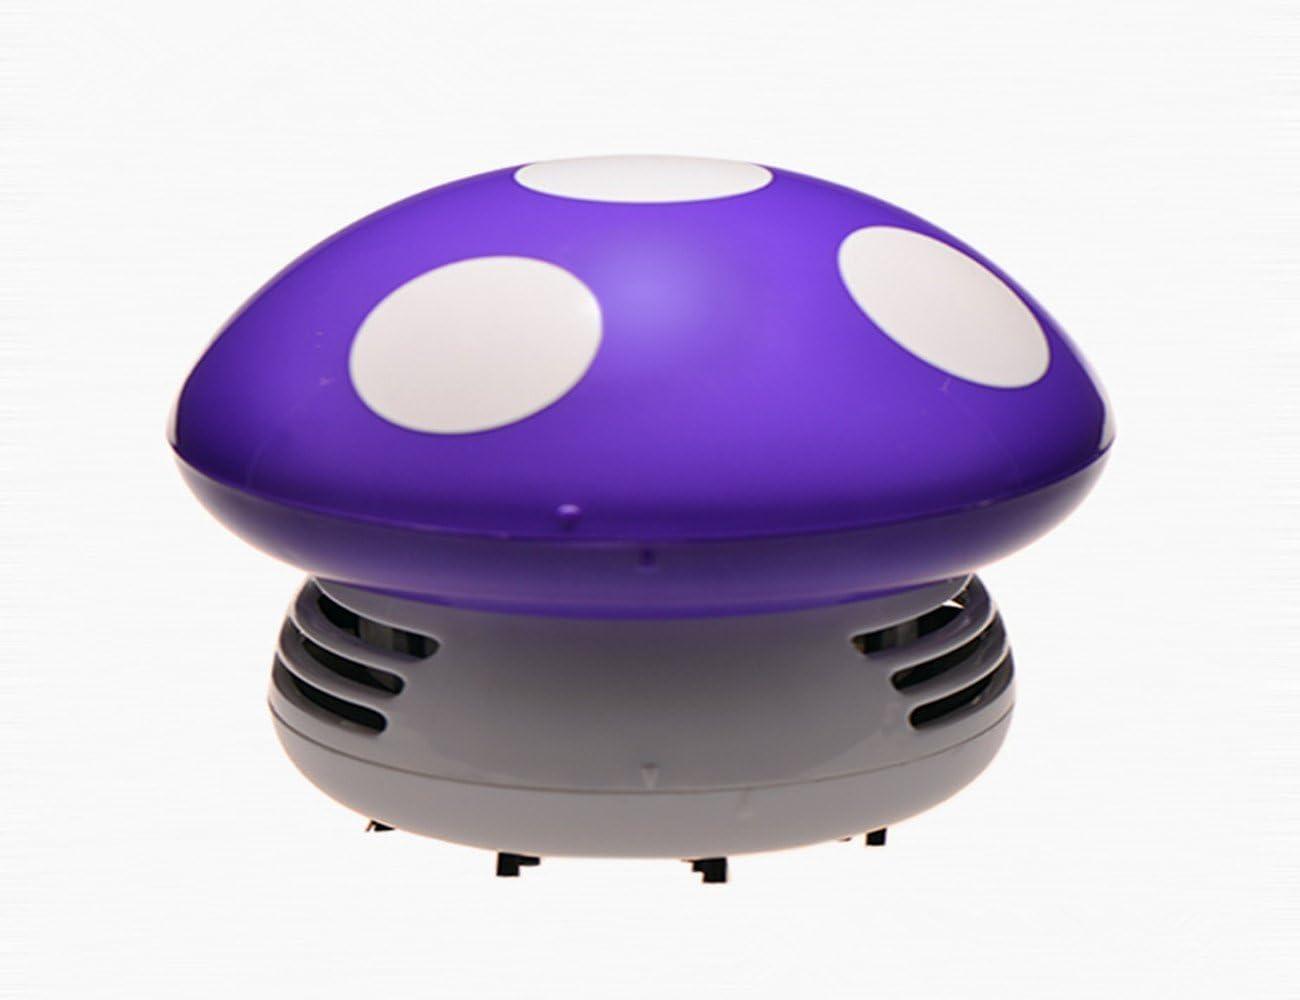 Cute Cartoon Mushroom portátil Mini limpiador de escritorio/funciona con pilas aspirador de escritorio Mini polvo limpiador: Amazon.es: Hogar